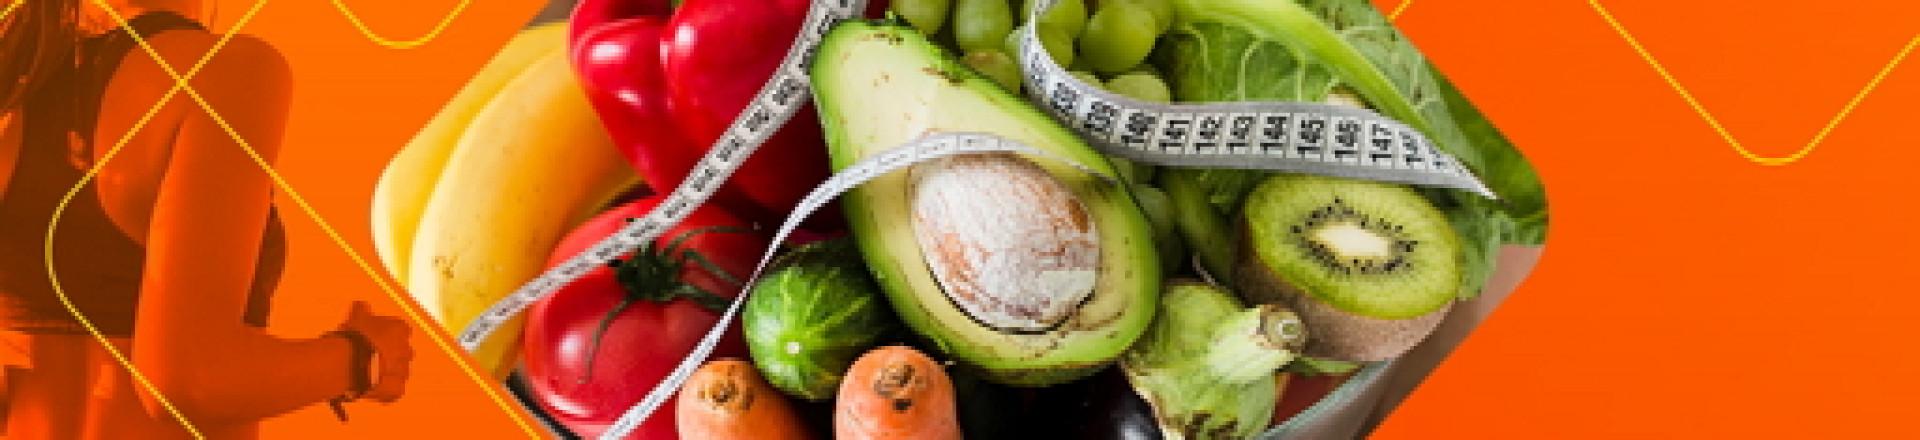 NUTRIÇÃO NO ESPORTE E VIDA SAUDÁVEL